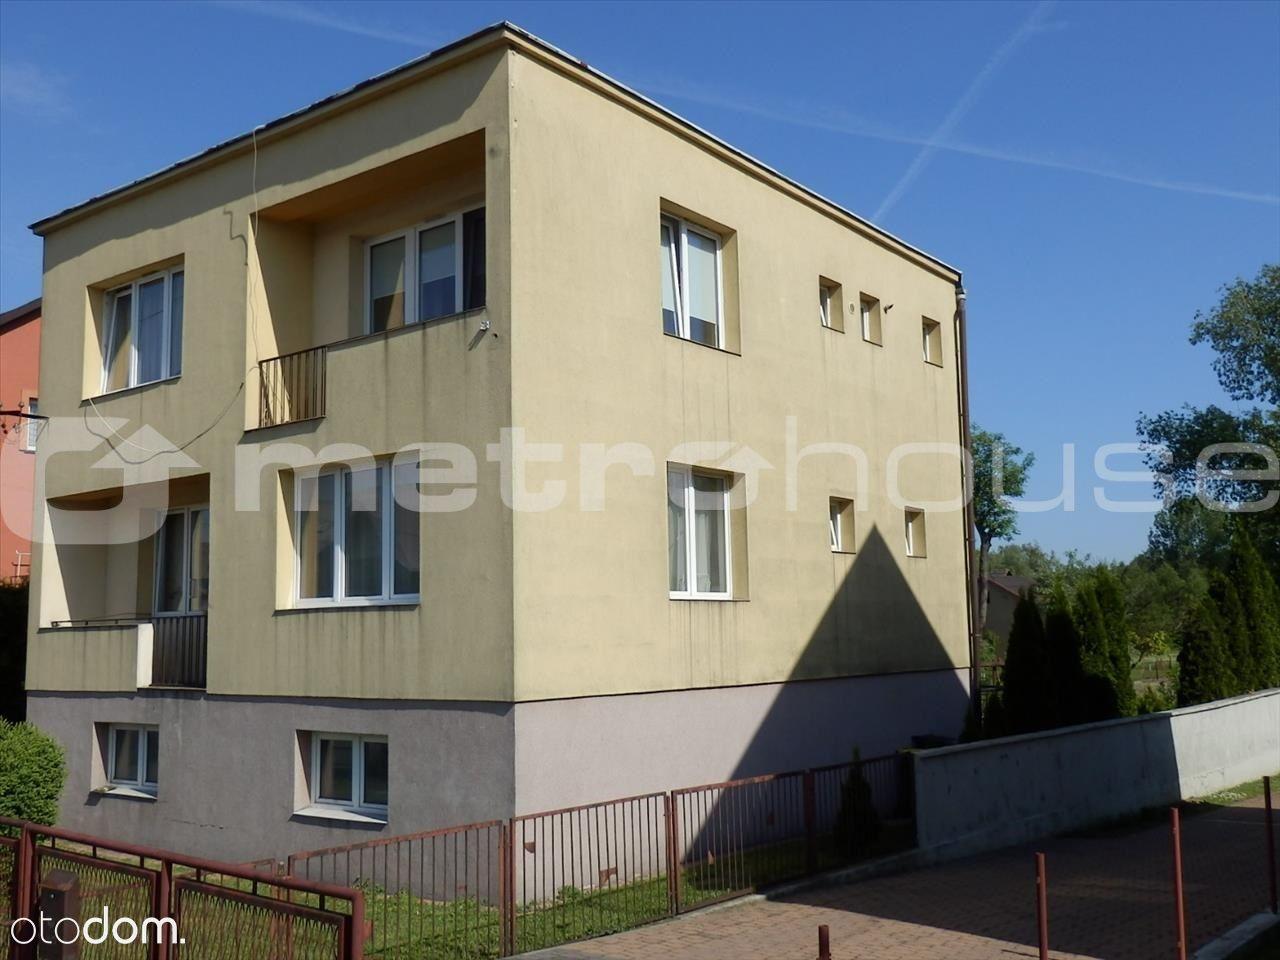 Dom na sprzedaż, Iwanowice Dworskie, krakowski, małopolskie - Foto 1